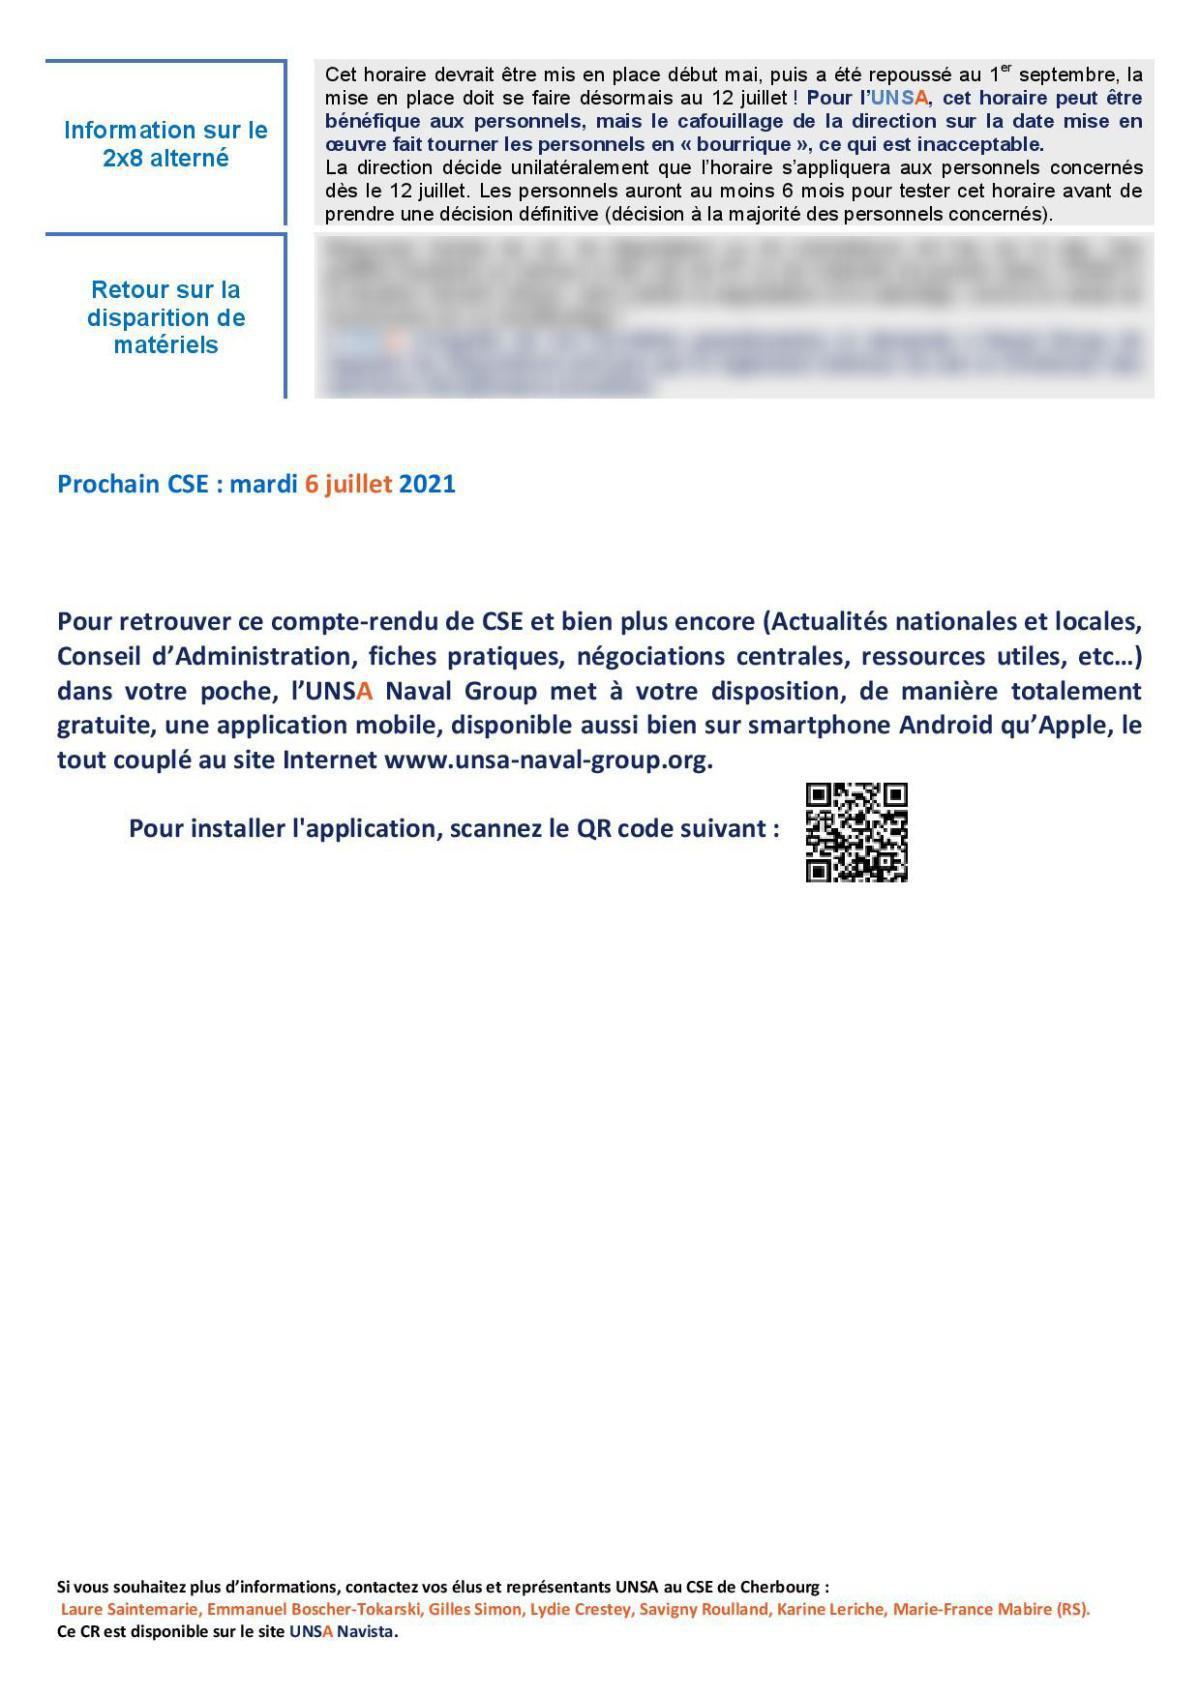 CSE de Cherbourg - Réunion du 3 juin 2021 - Compte rendu